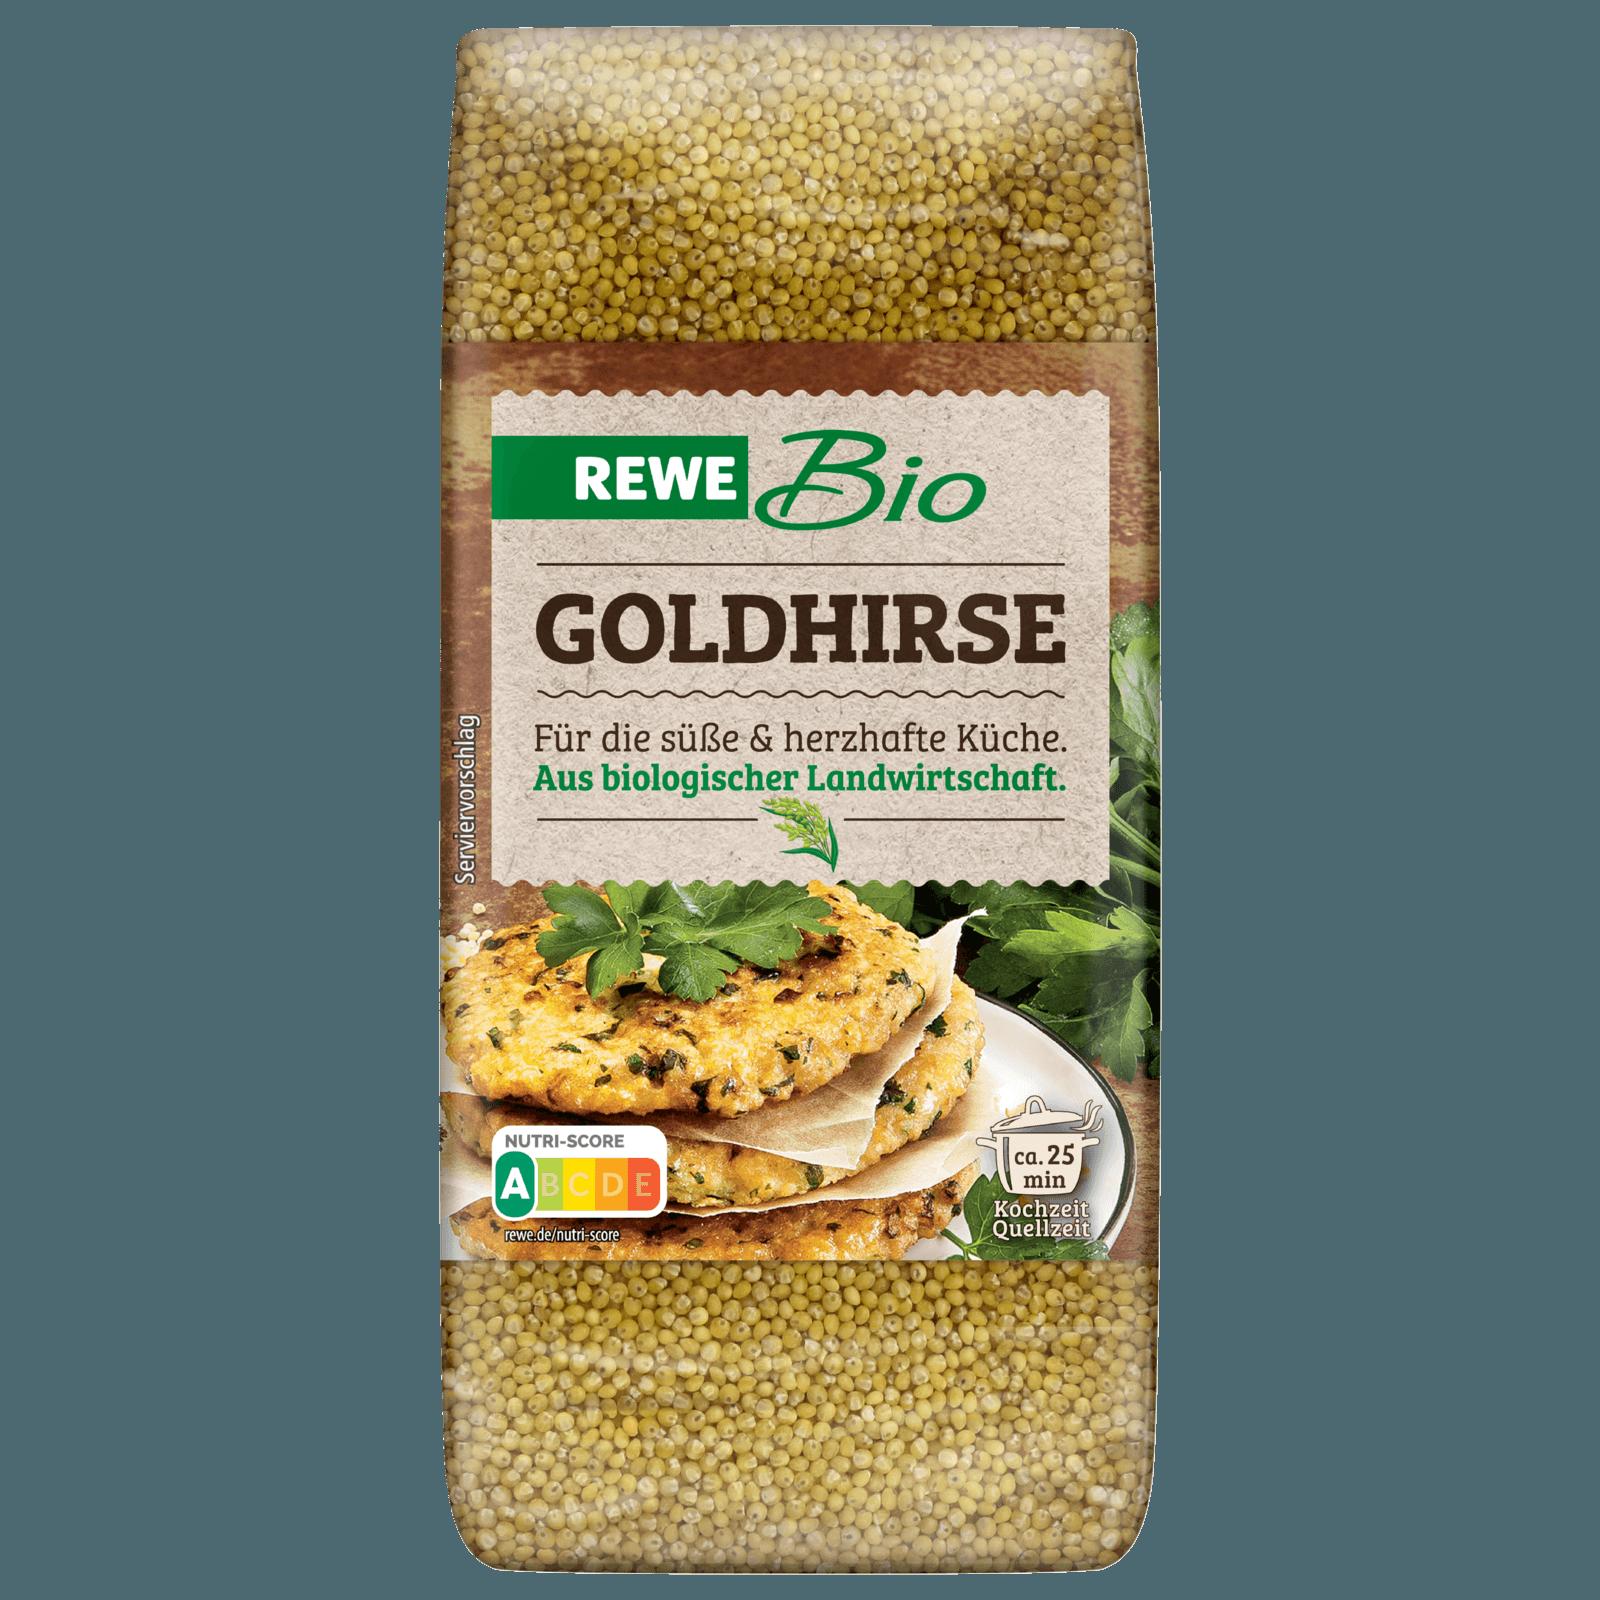 REWE Bio Gold-Hirse 500g